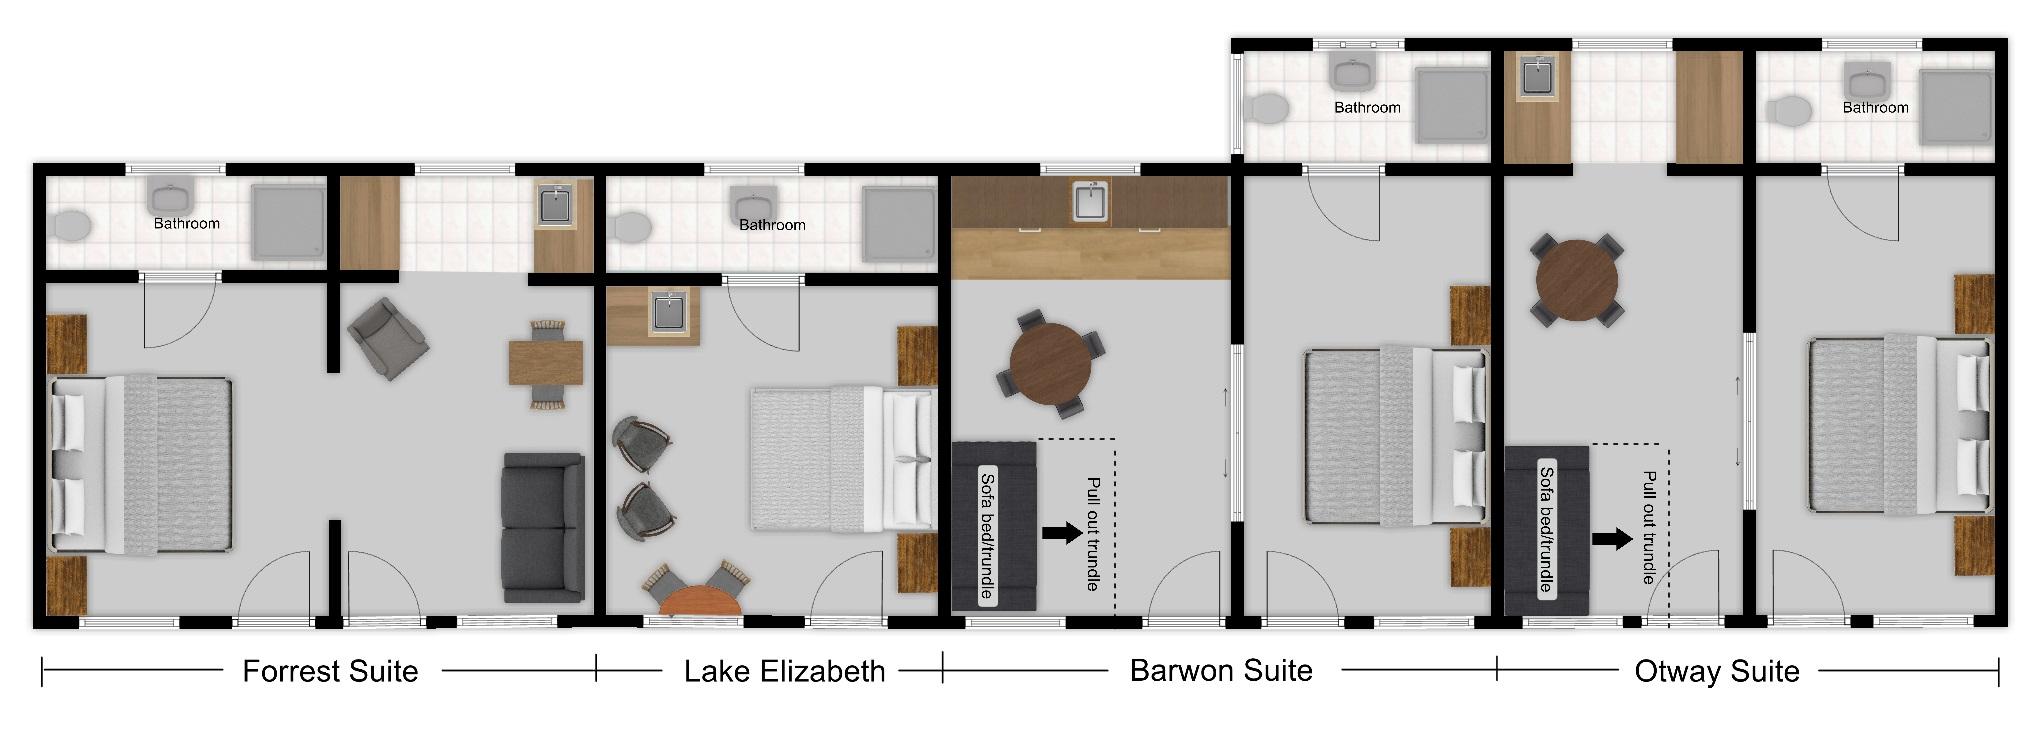 King & Queen Suite Options